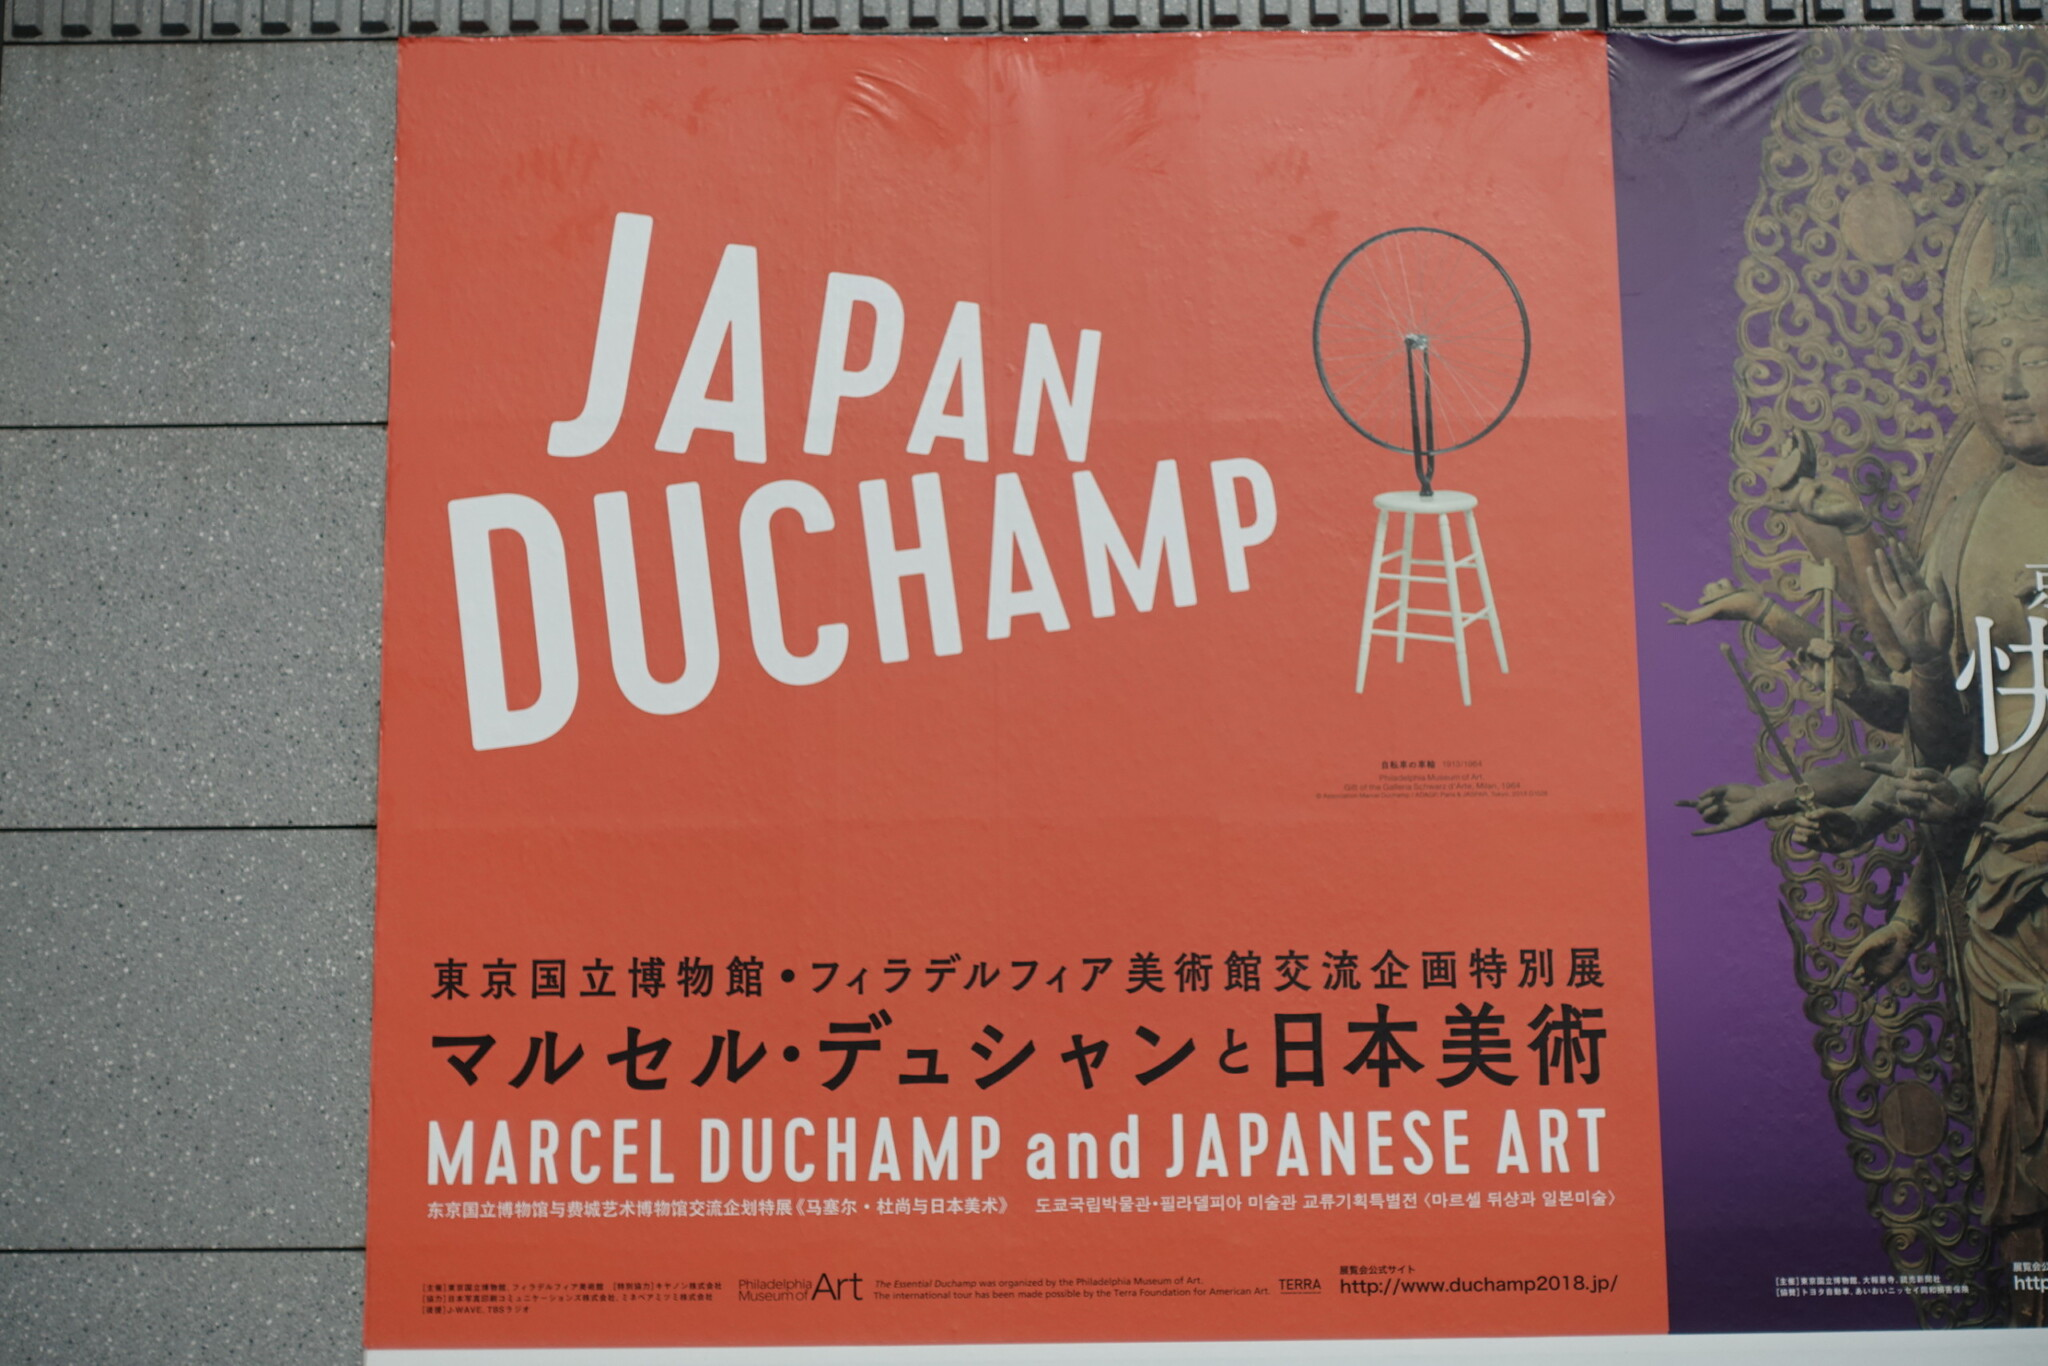 東京国立博物館・フィラデルフィア美術館交流企画特別展 「マルセル・デュシャンと日本美術」@東京国立博物館